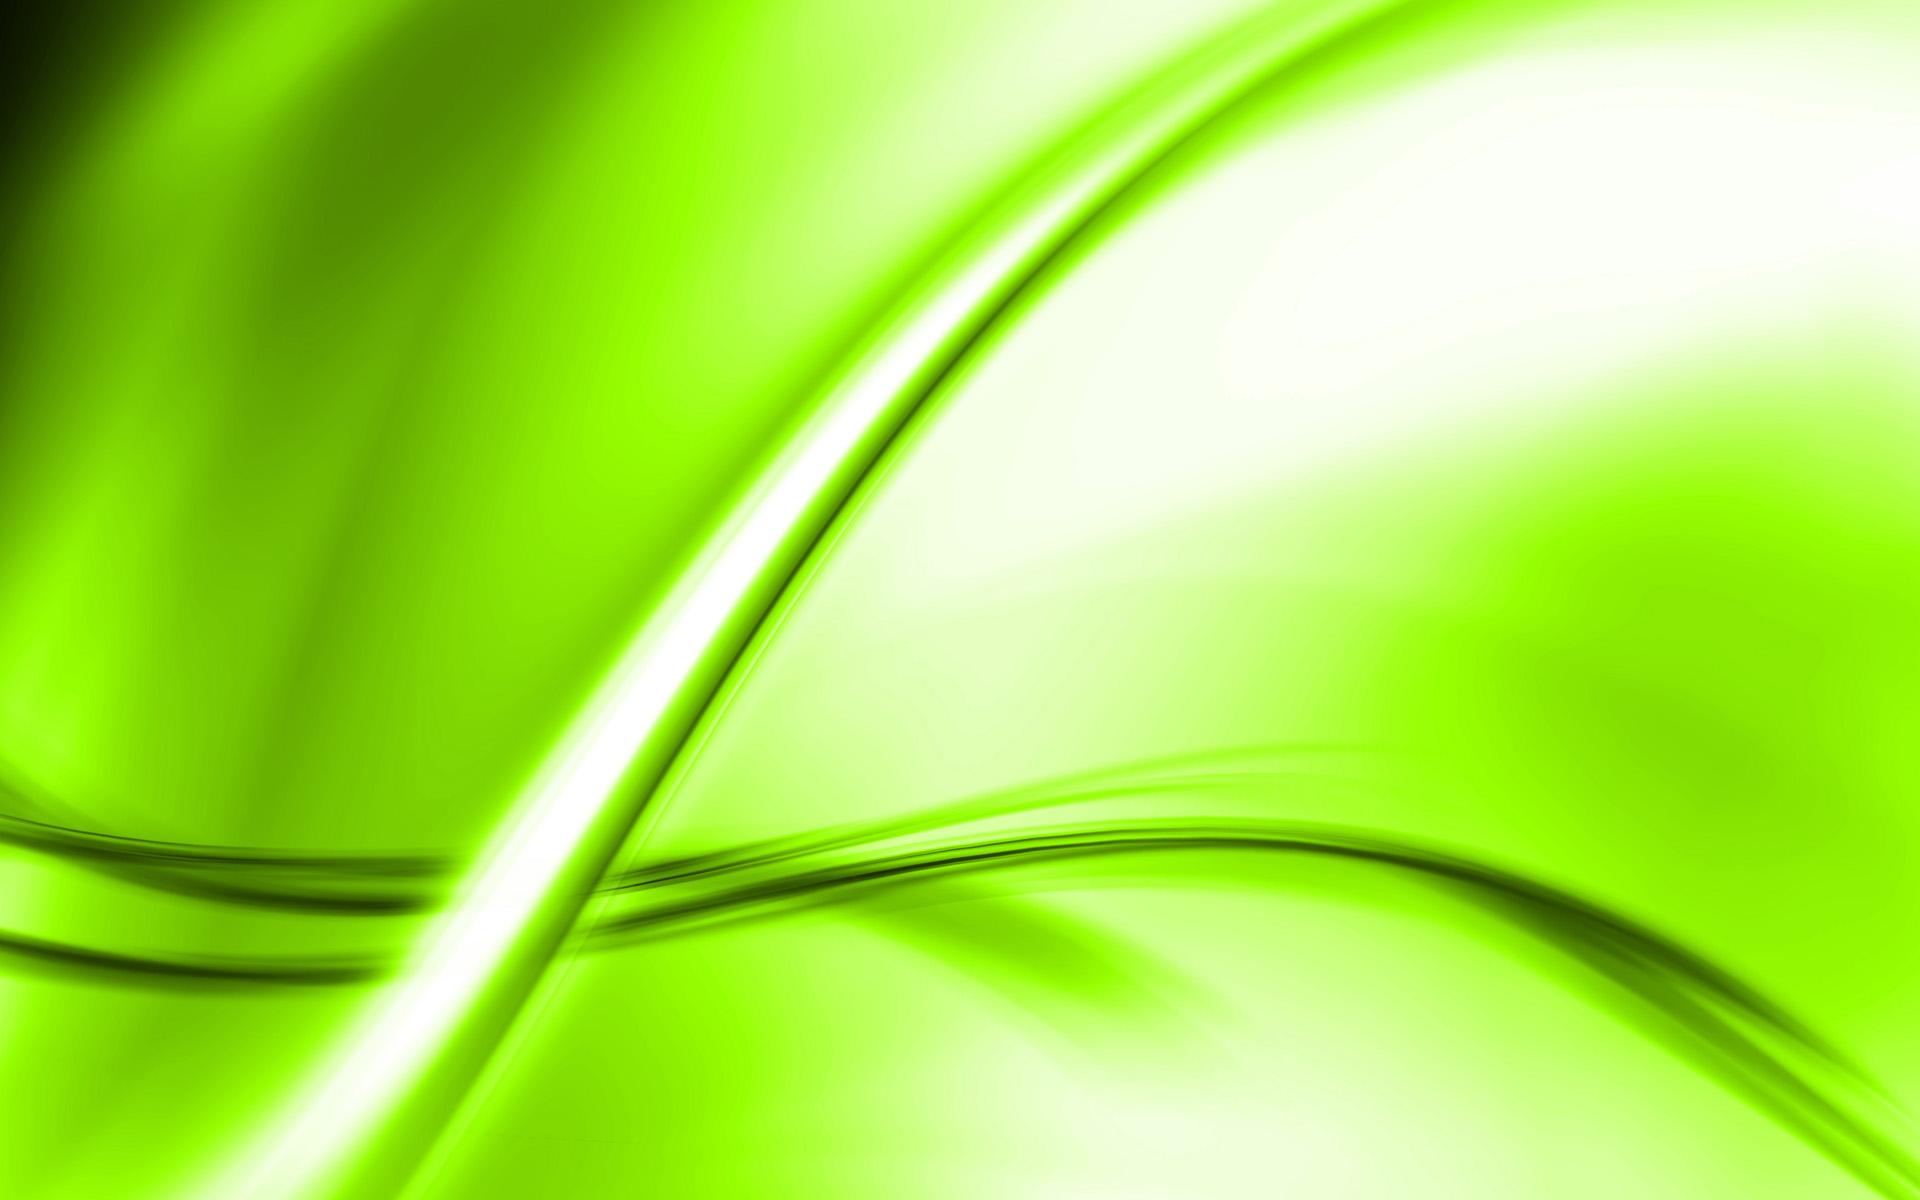 Light Green Abstract Wallpaper